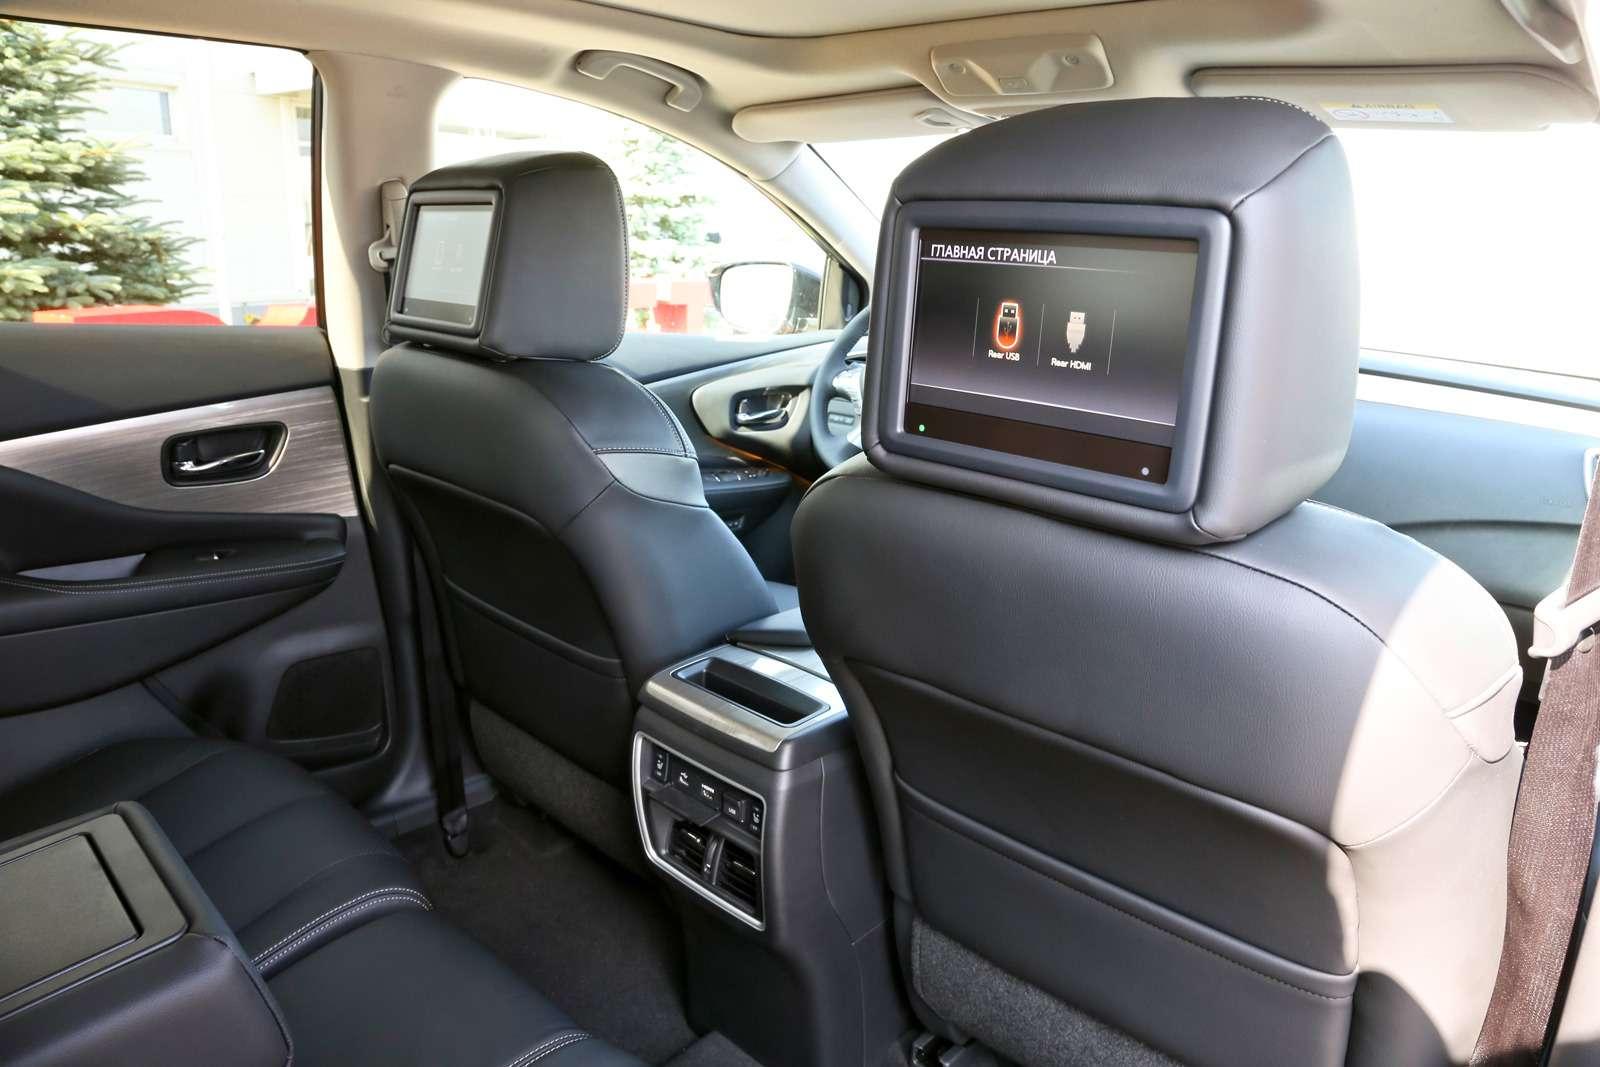 Новый Nissan Murano: мыпоездили нанем первыми!— фото 614159